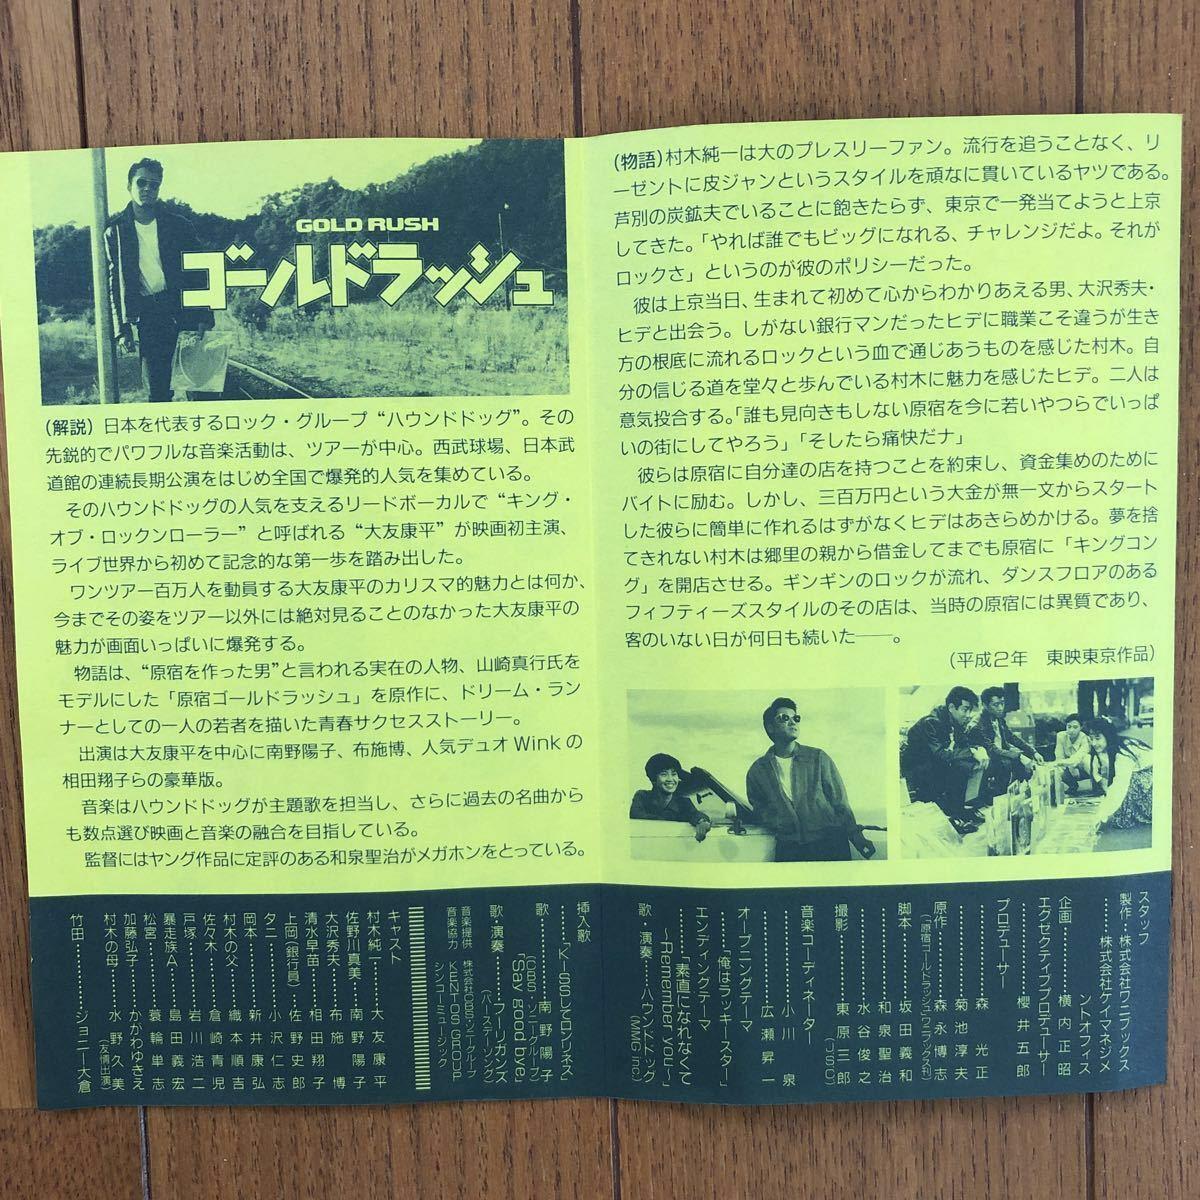 ゴールドラッシュ ビデオ VHS クリームソーダ ピンクドラゴン 大友康平 布施博 南野陽子 相田翔子_画像5